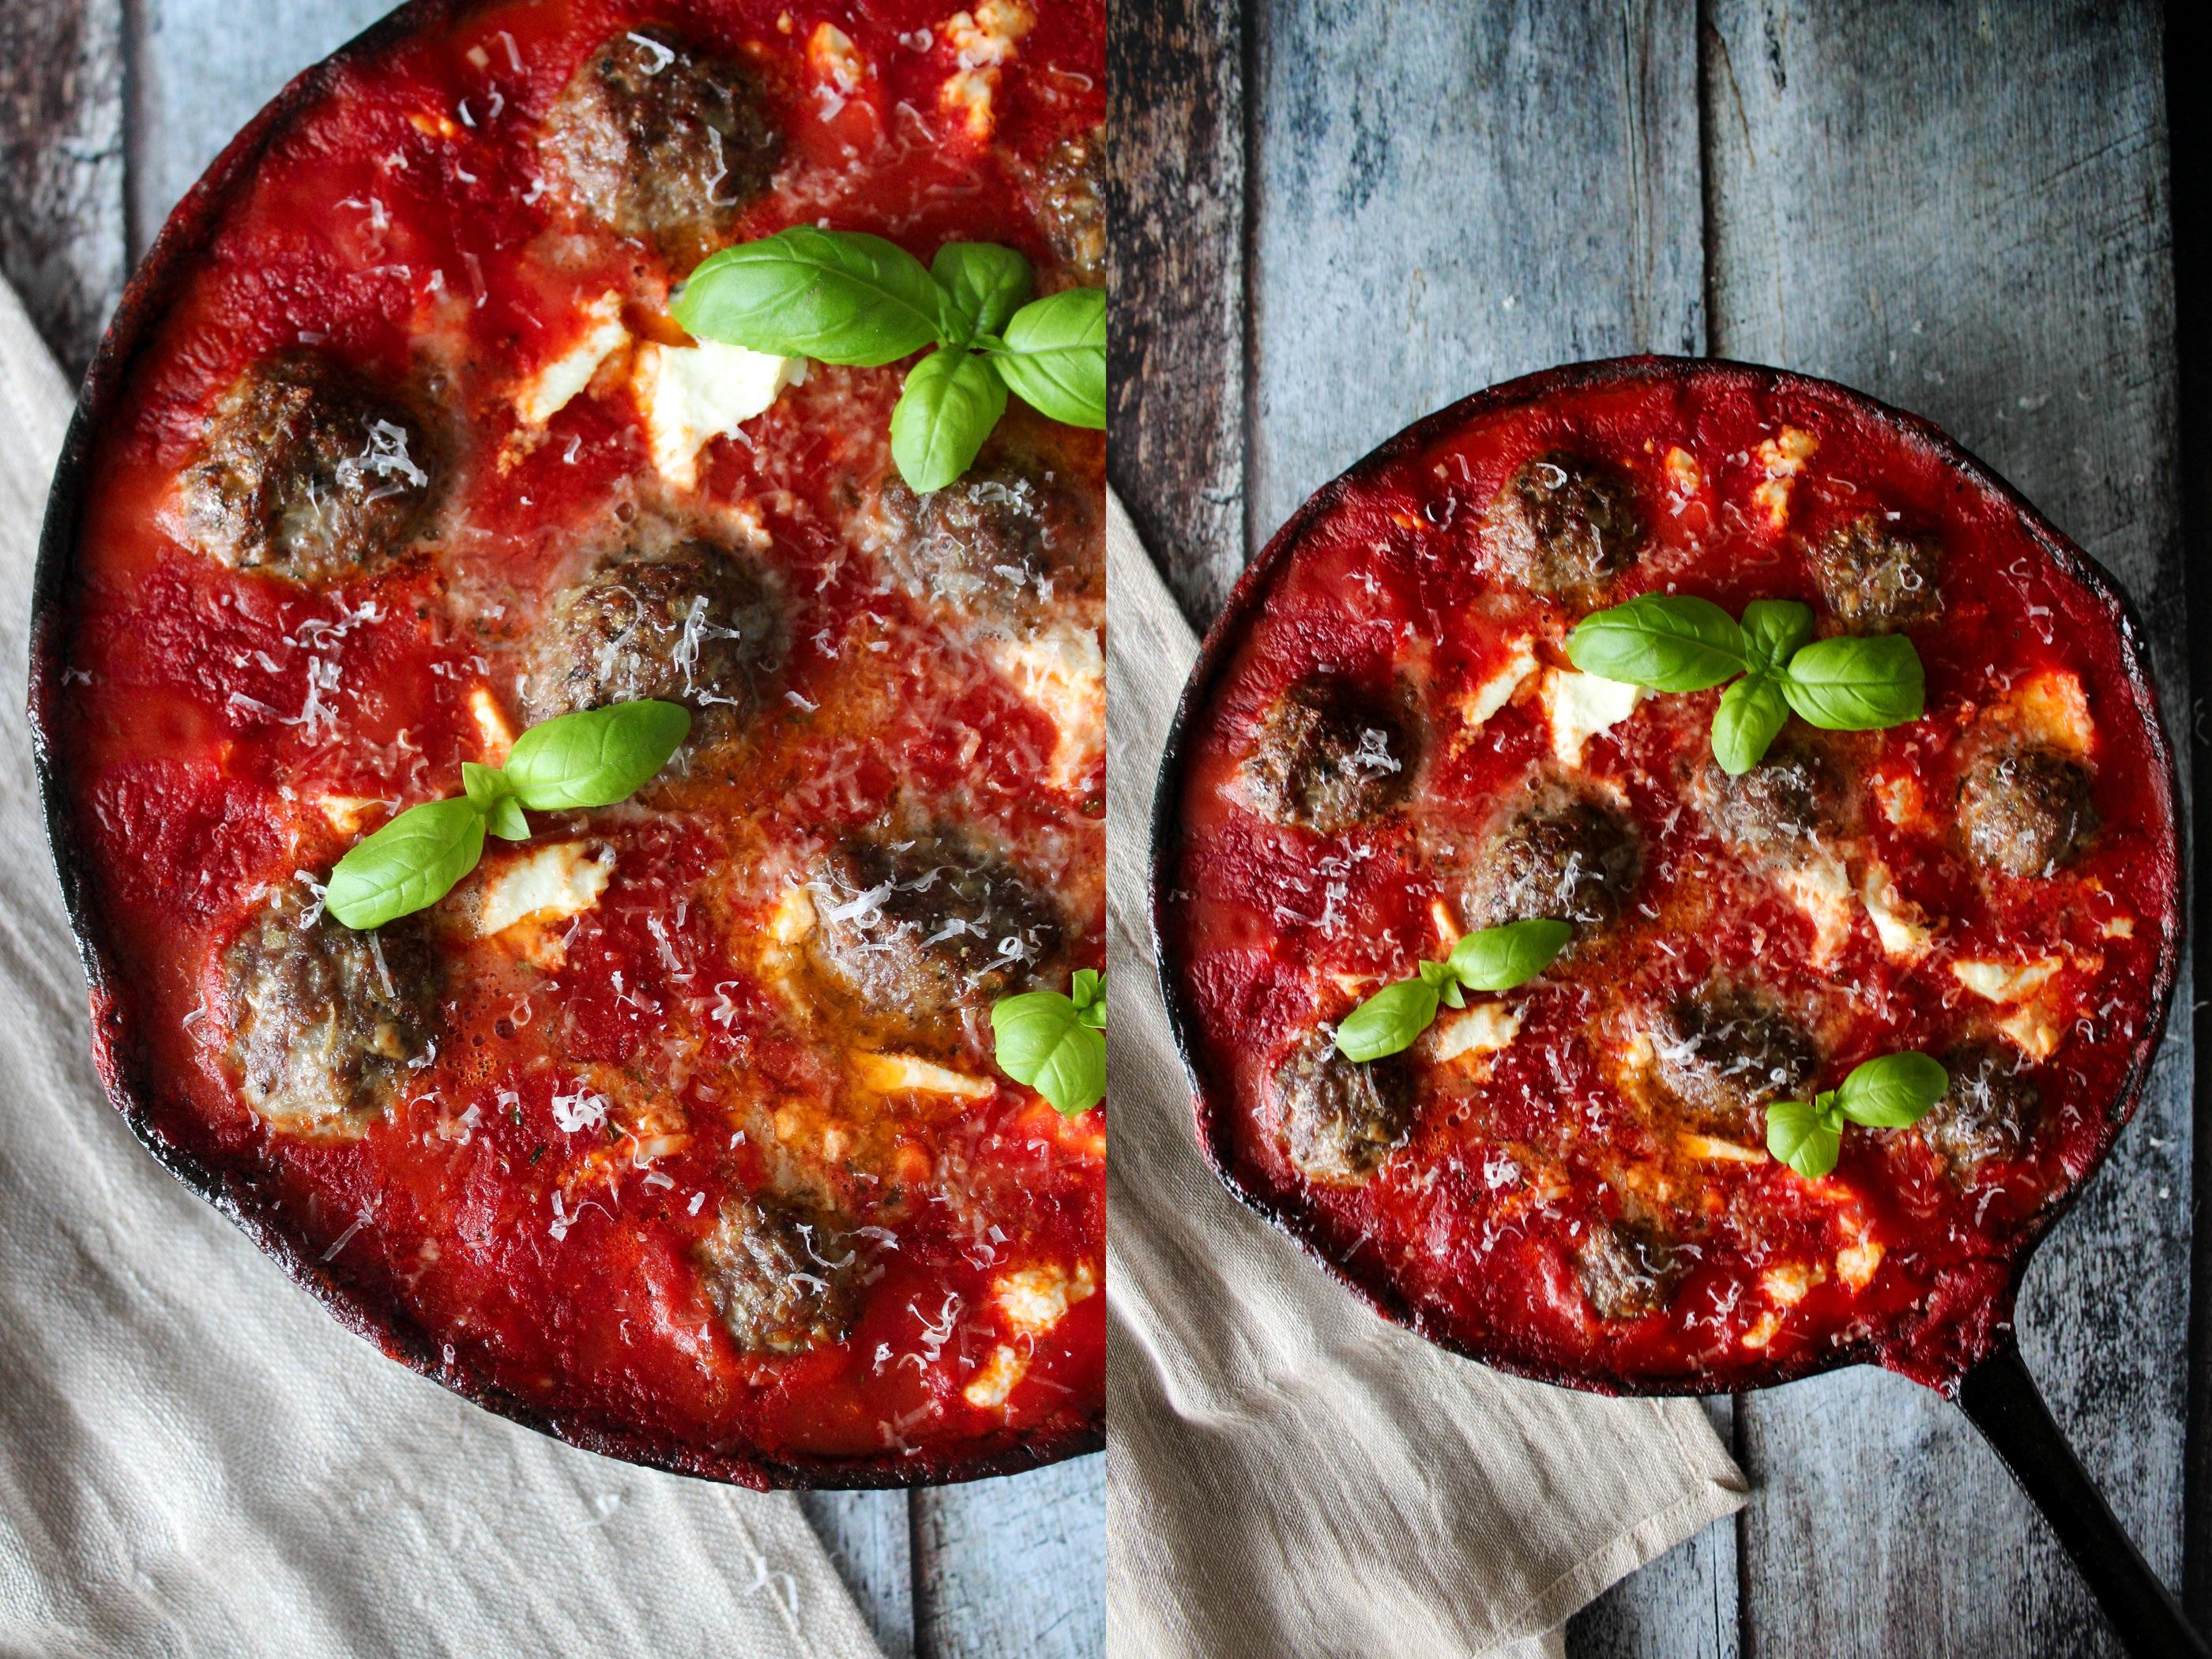 Bagte Kødboller I Tomatsauce Med Ricotta